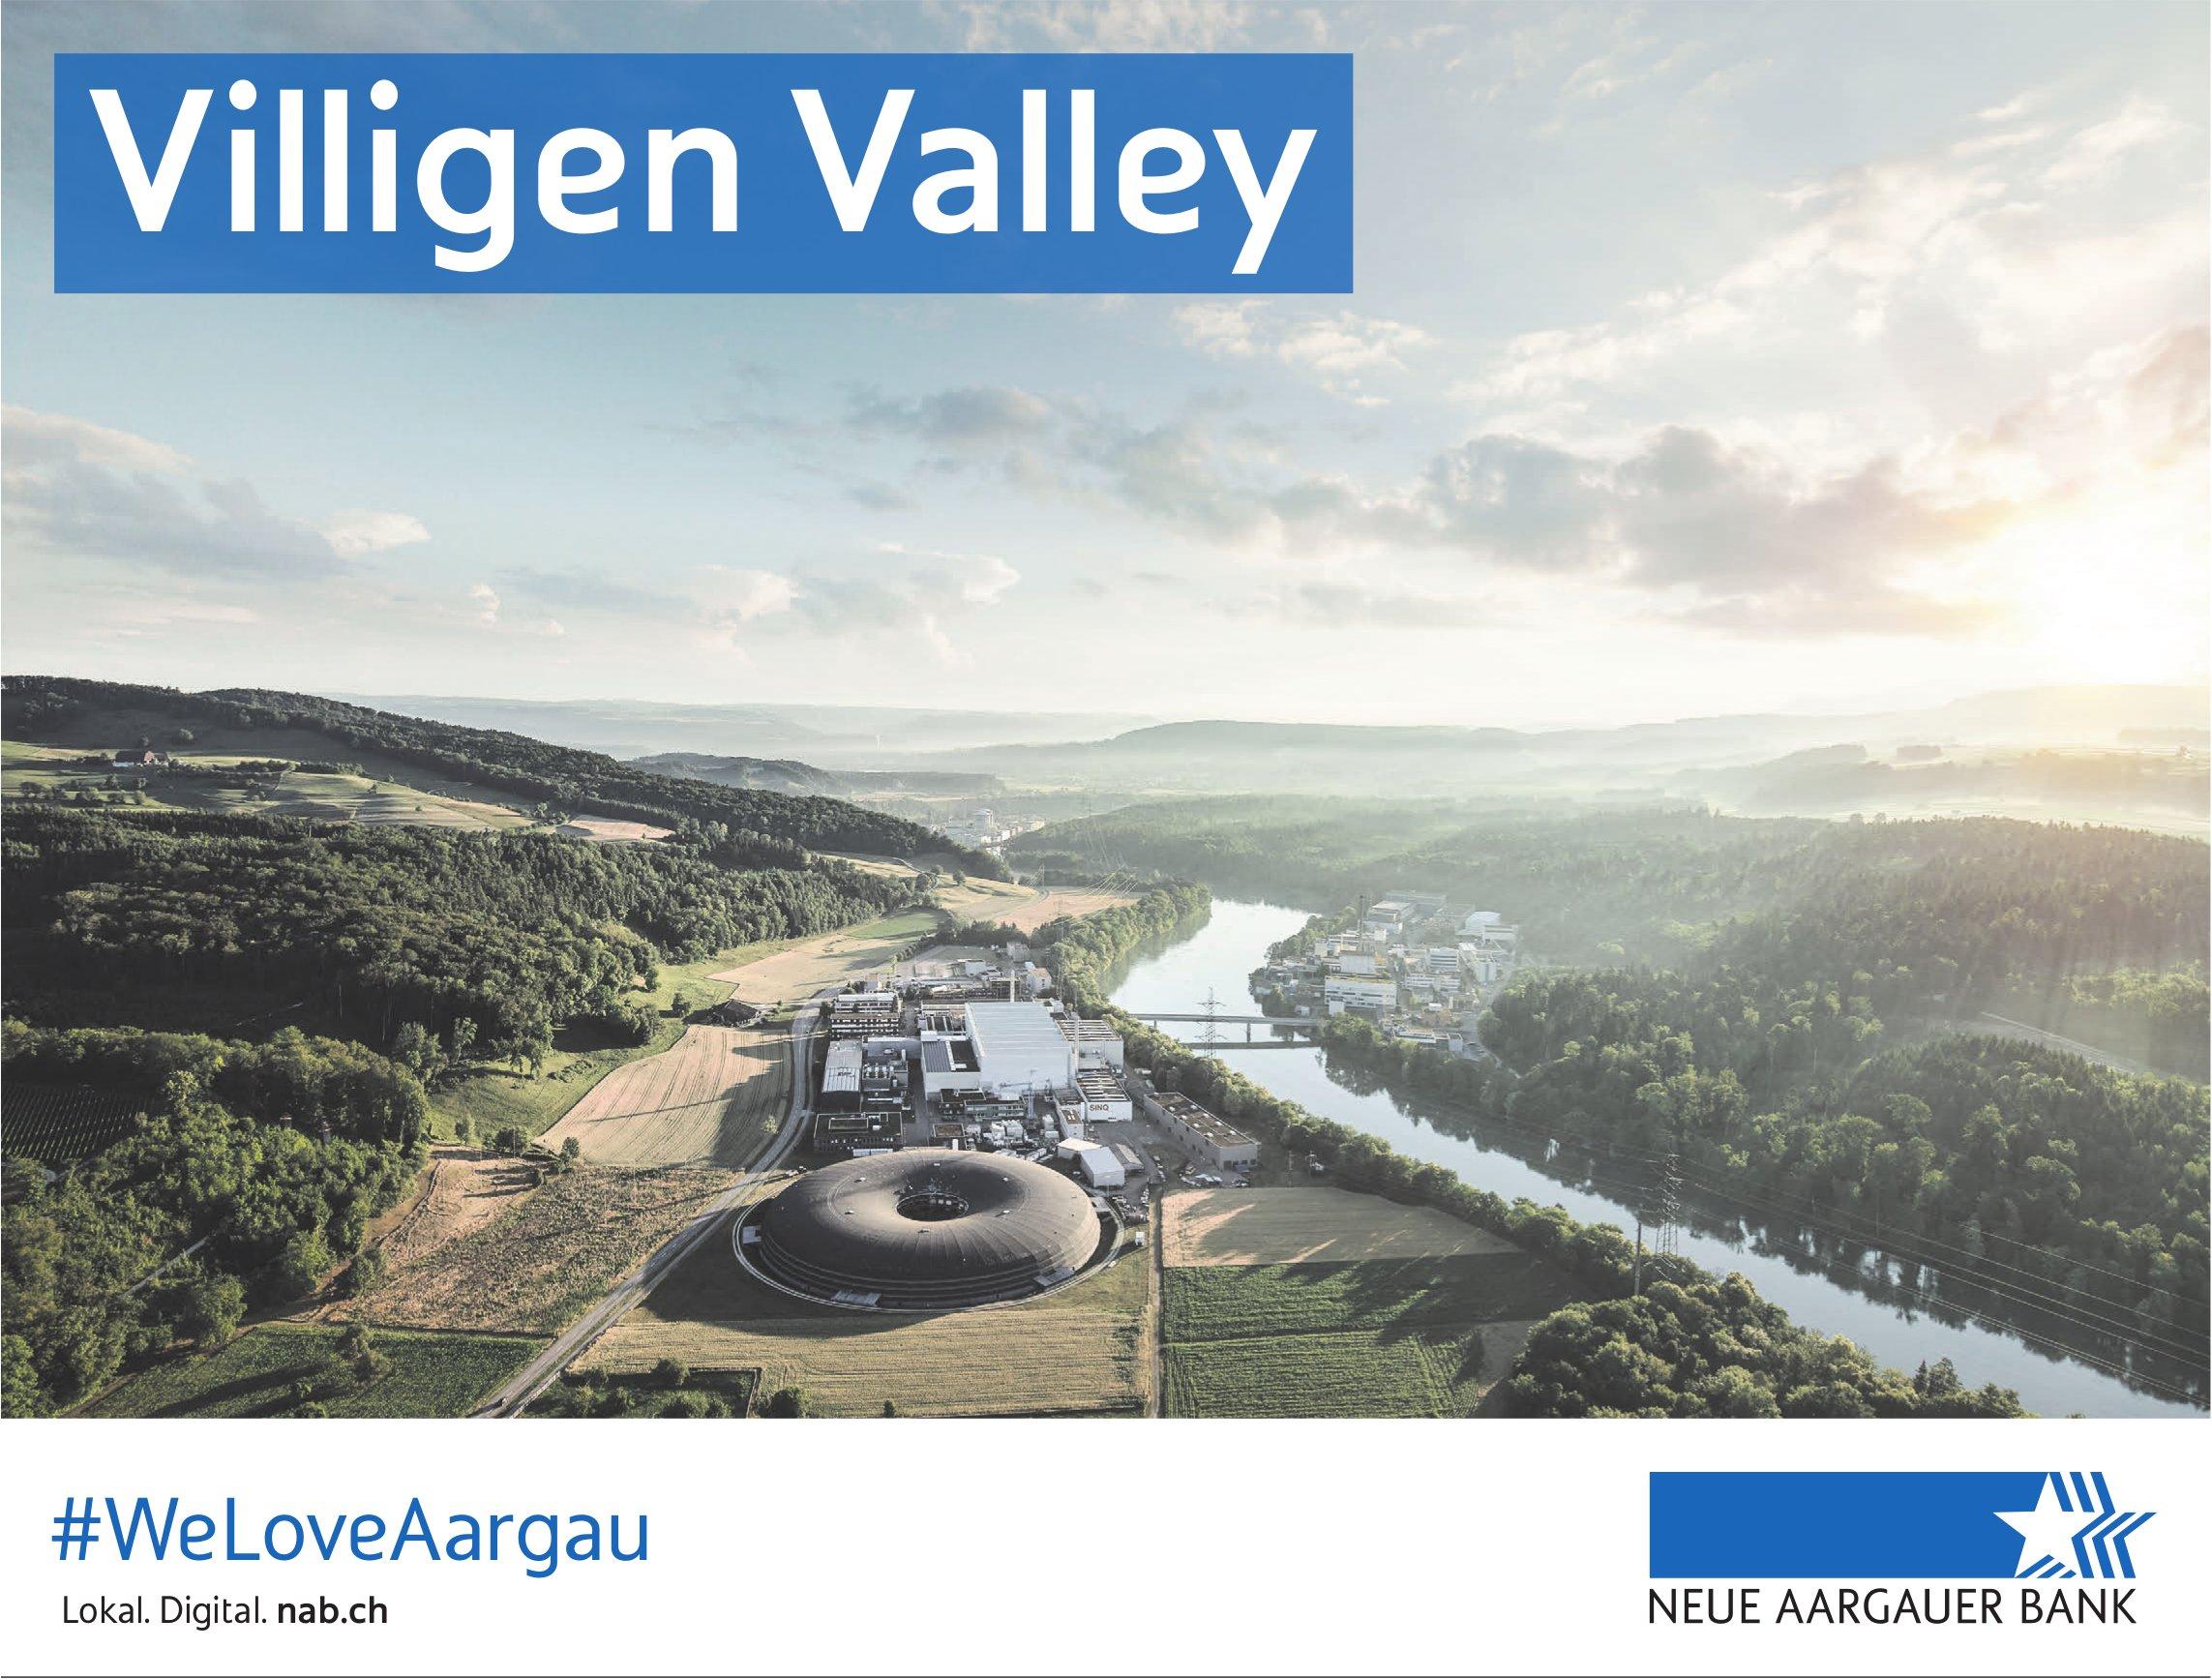 NEUE AARGAUER BANK - Villigen Valley